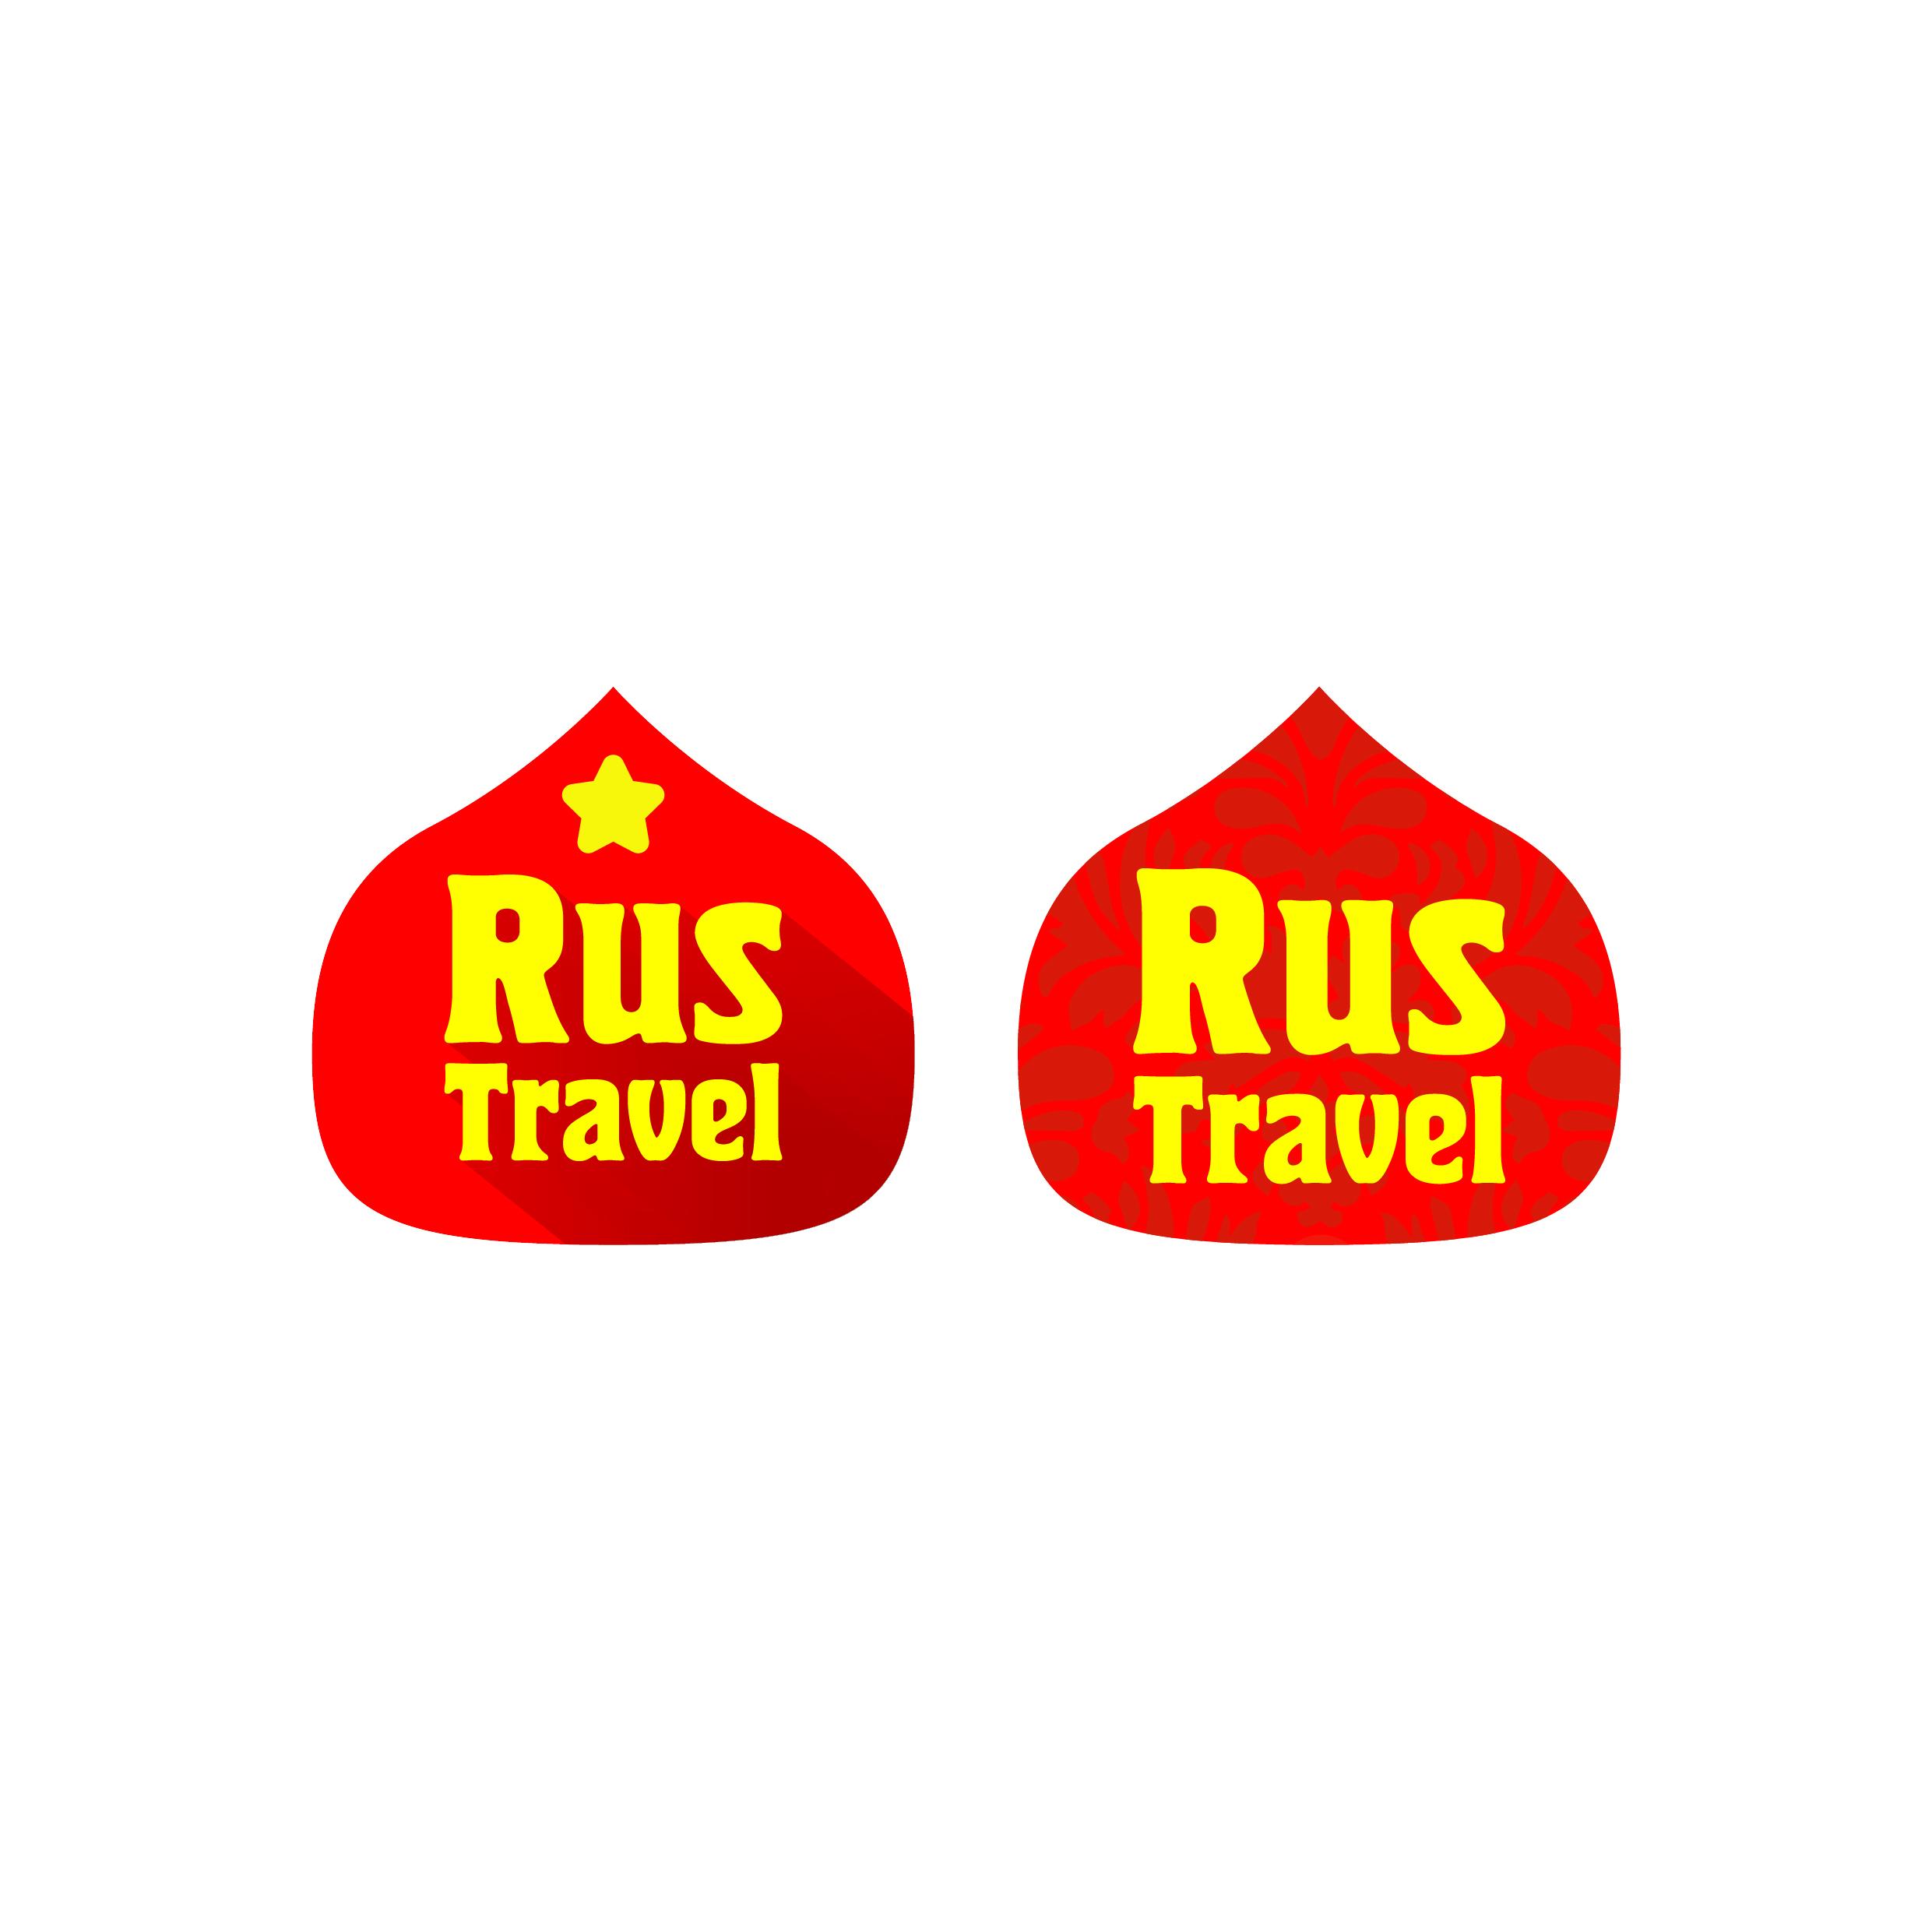 Разработка логотипа фото f_7895b41fc1d67991.jpg